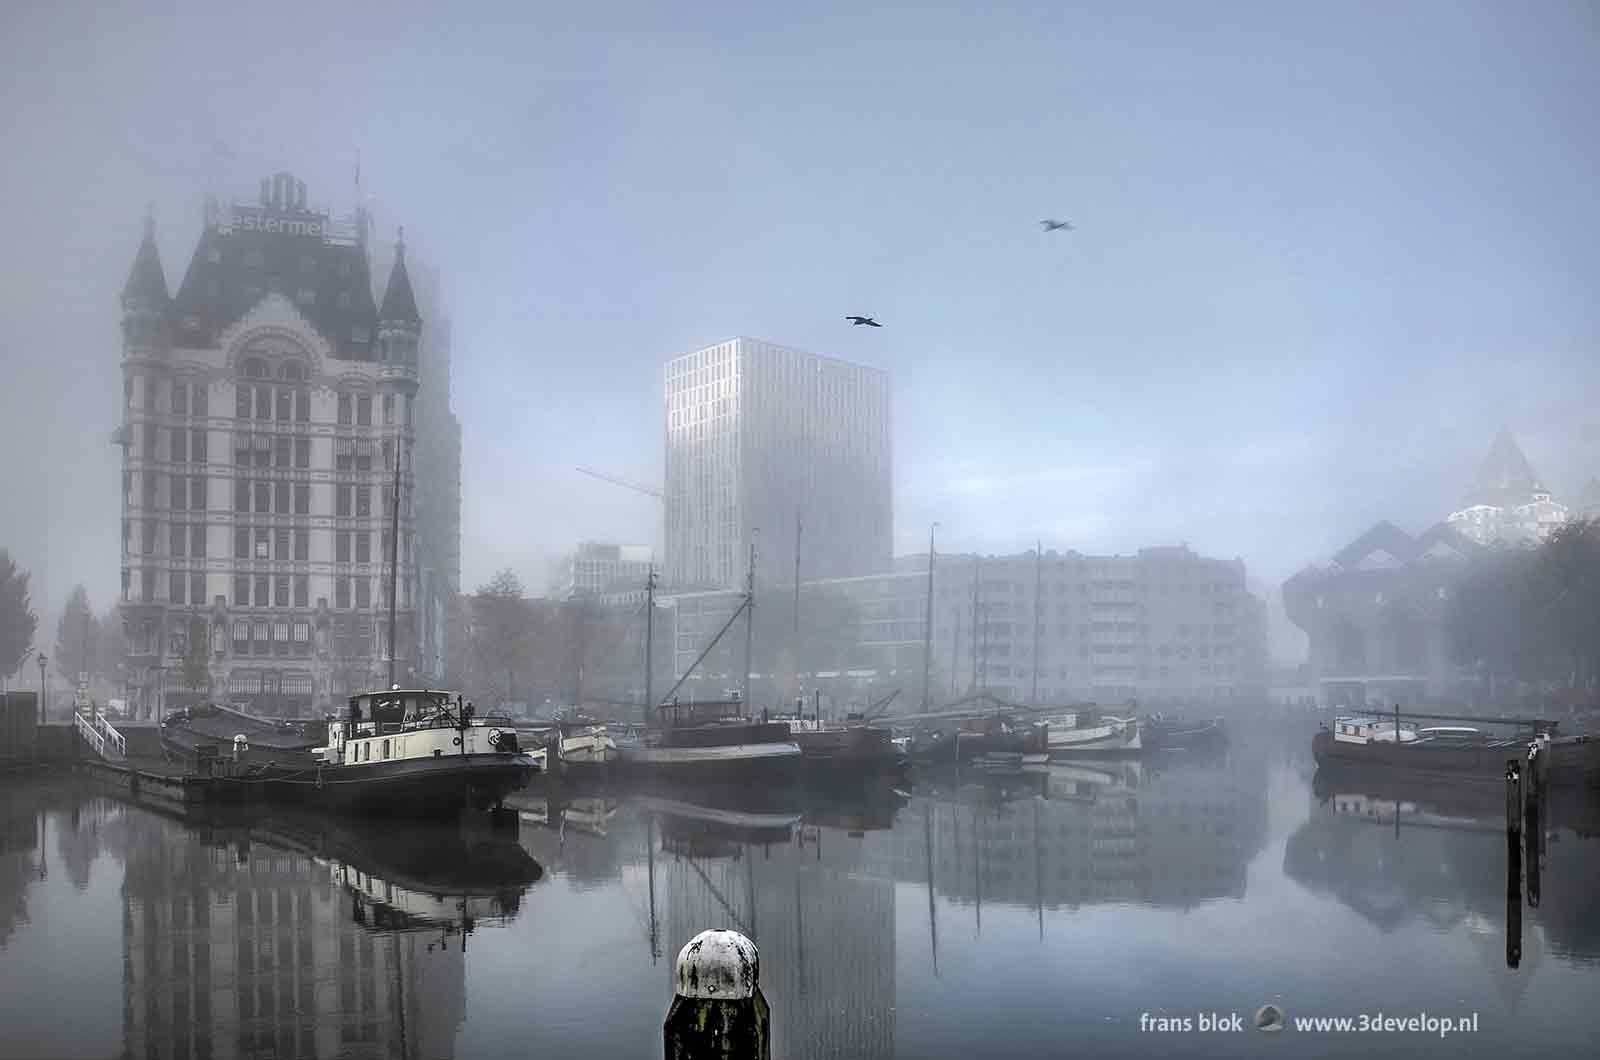 Surrealistisch beeld van de Oude Haven in Rotterdam met het Witte Huis en de Kubuswoningen op een mistige herfstdag.